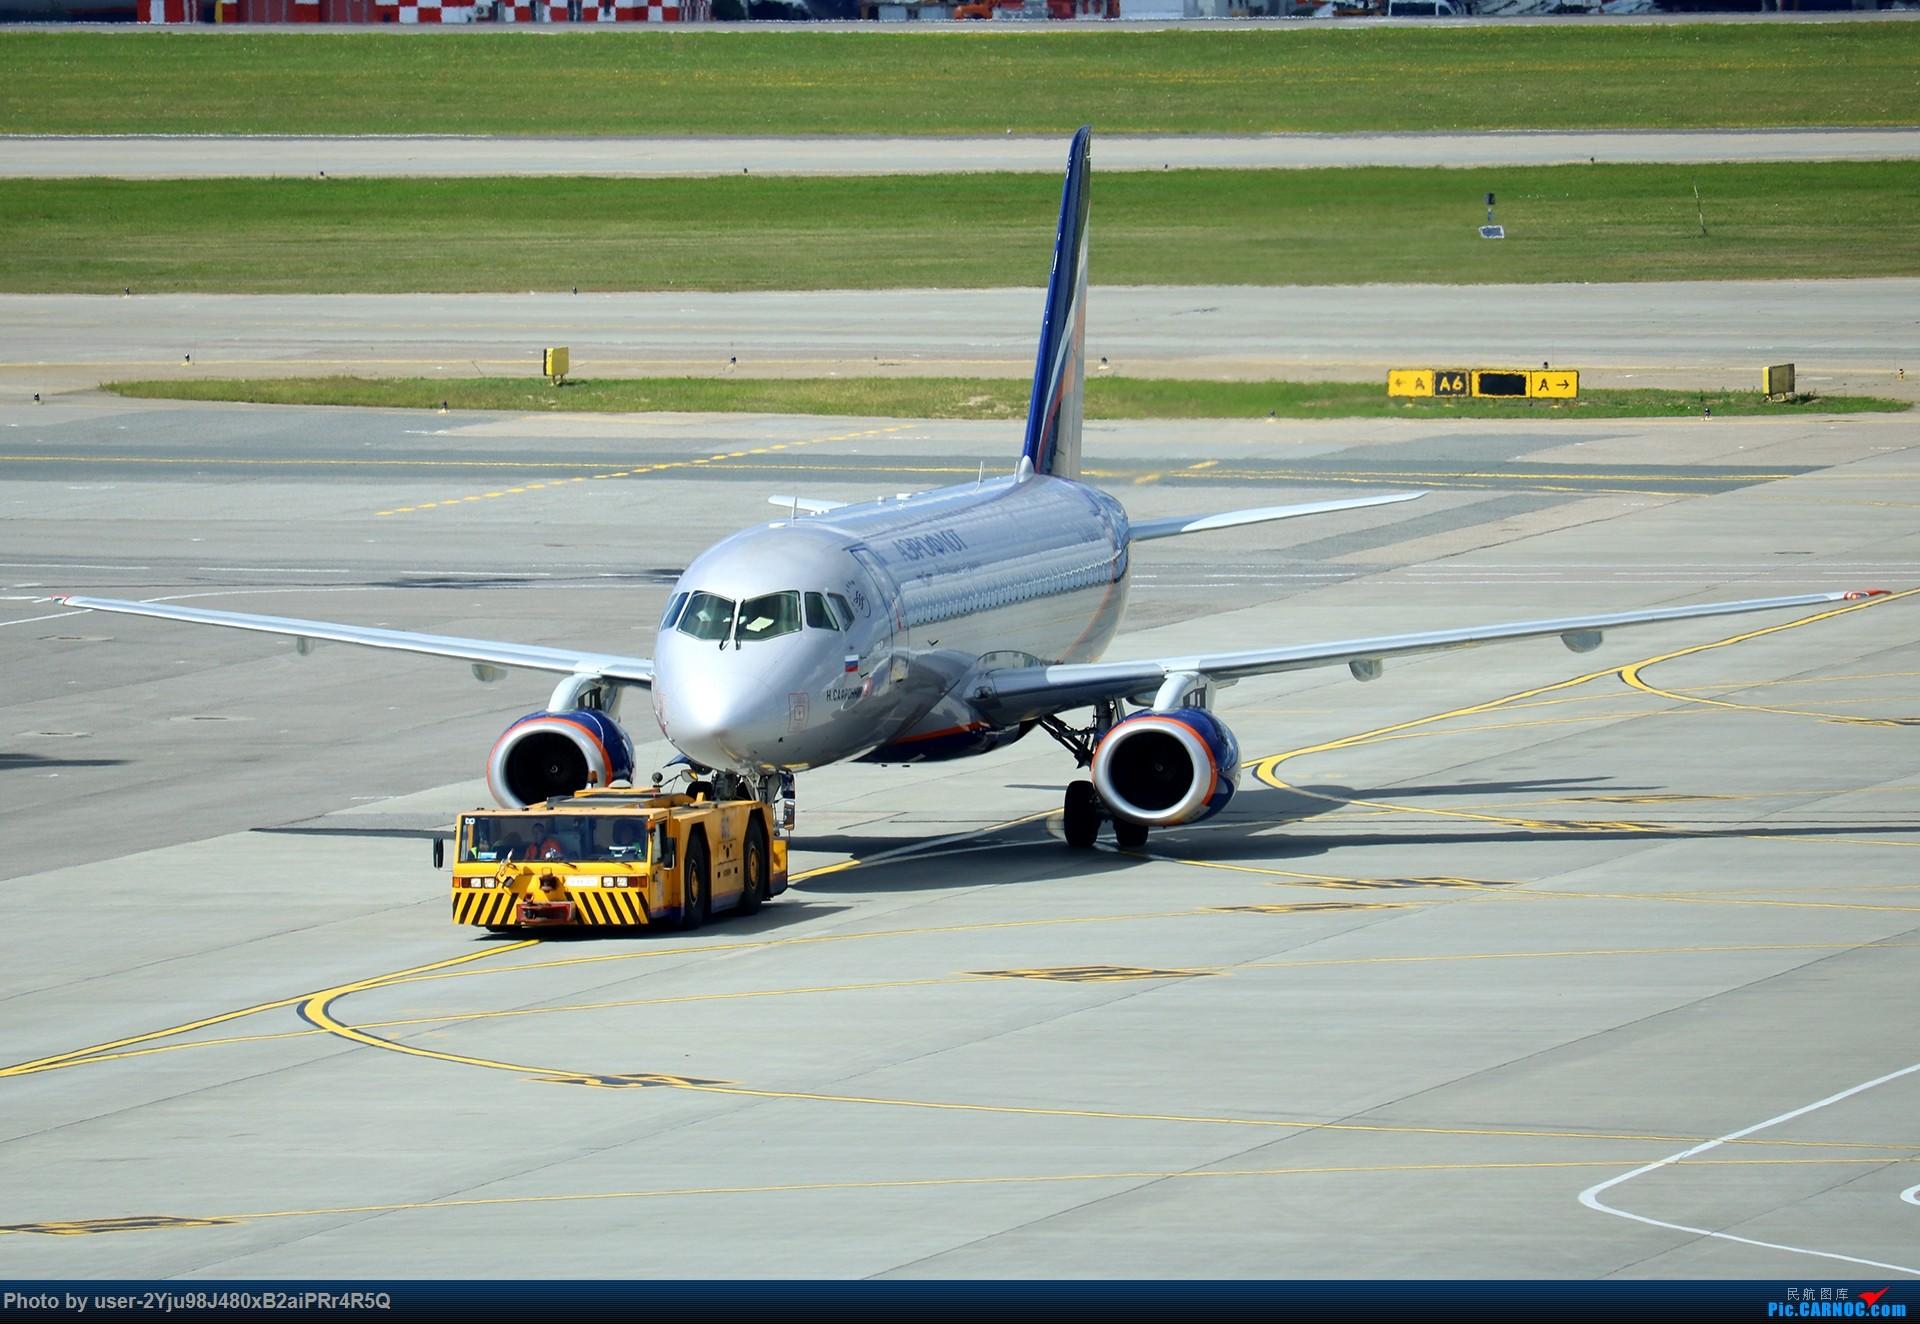 Re:LIULIU|一天两种机型三个国家四段航线五座城市的回家之路|西伯利亚上空的星光 SSJ-100  俄罗斯谢诺梅杰沃机场